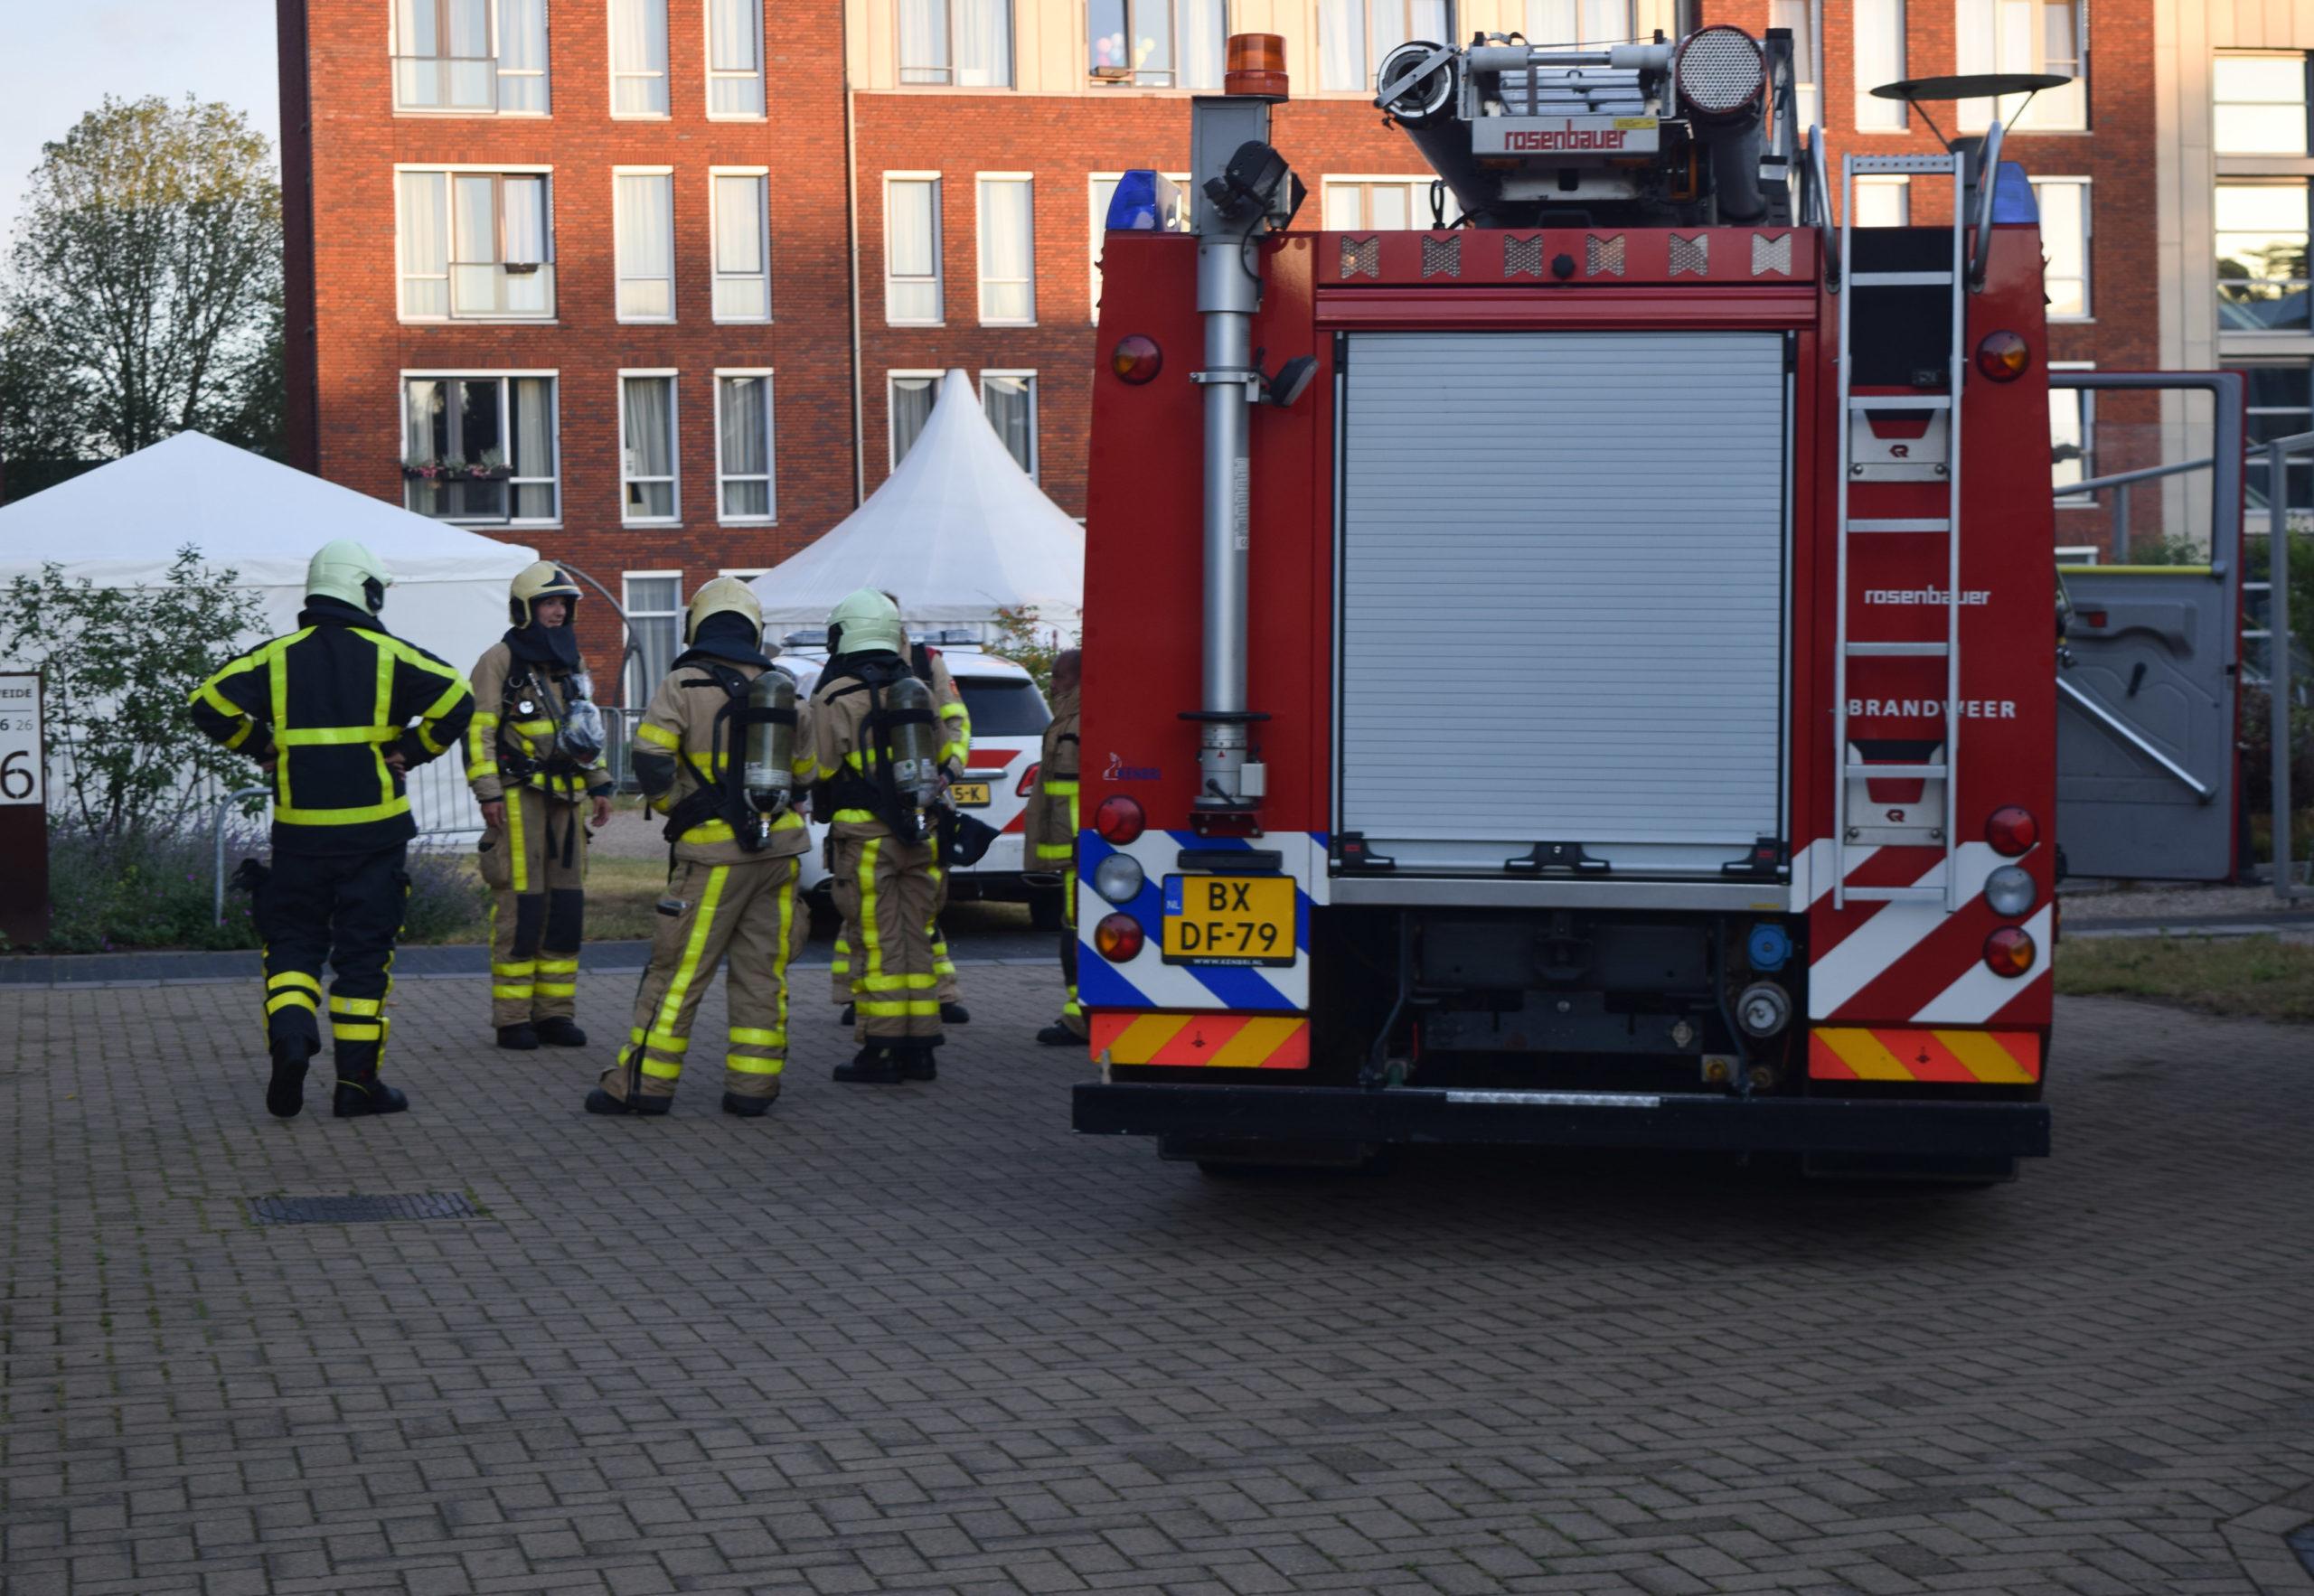 Keukenbrandje snel onder controle door ingrijpen hulpdiensten